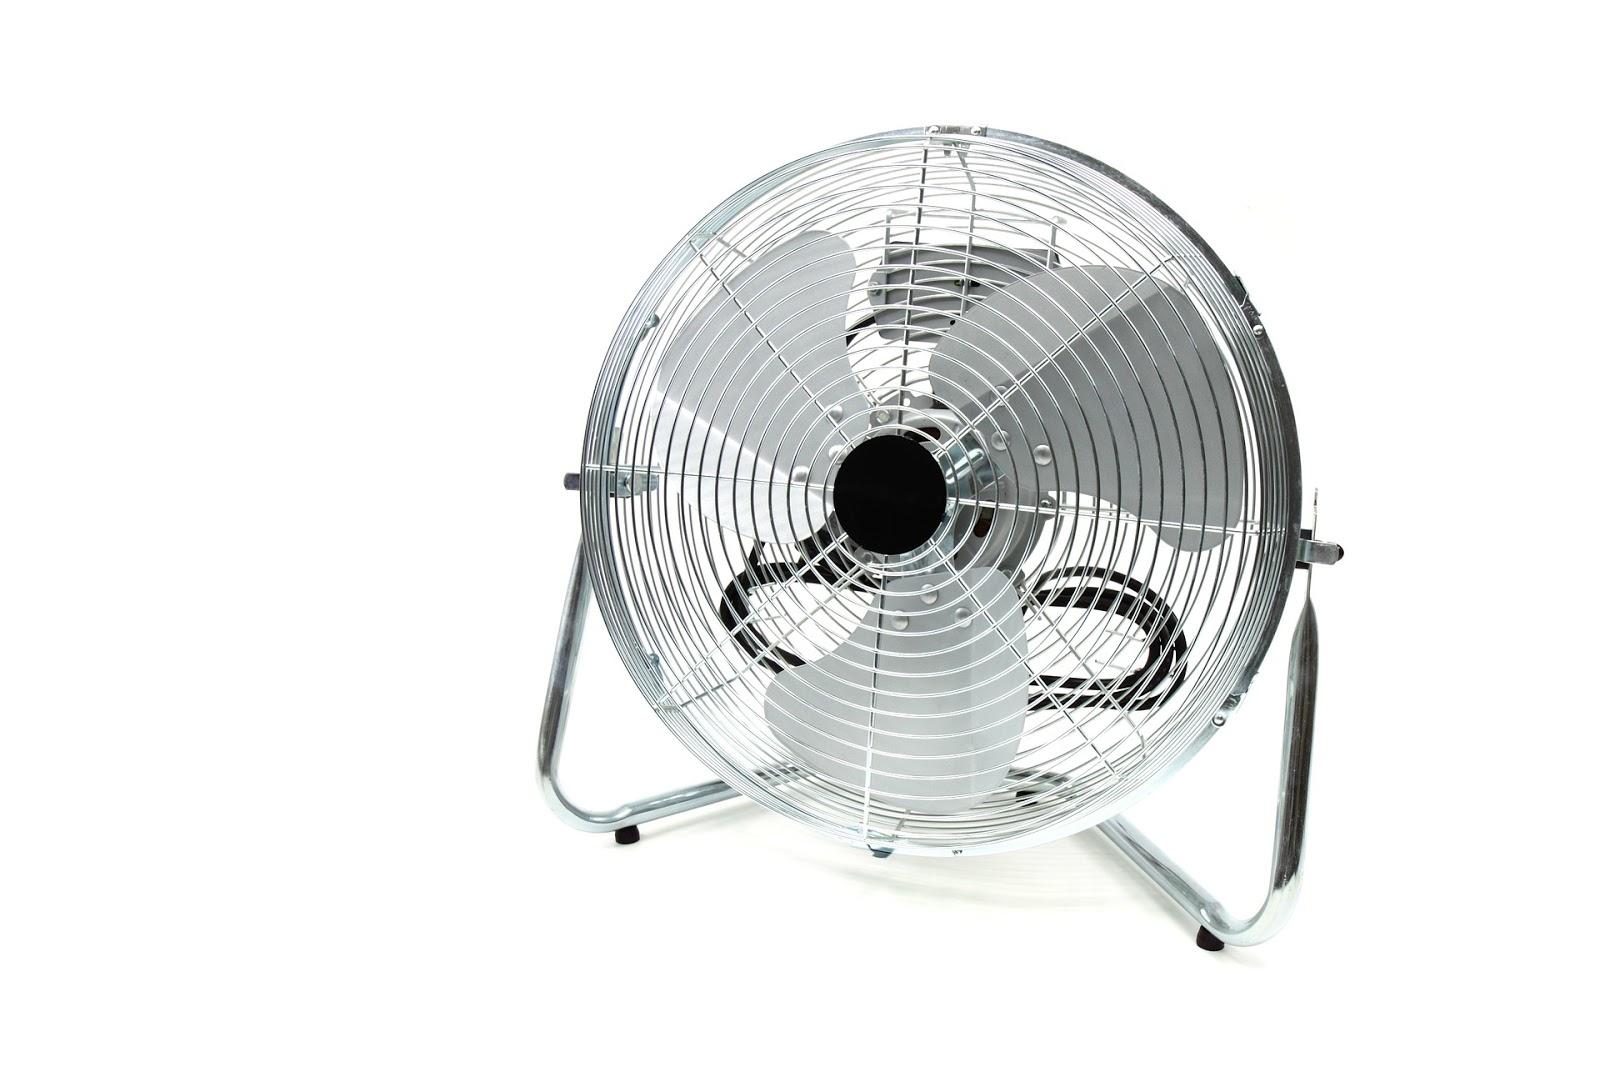 Leiser Ventilator Test: wie gut ist die neue Silence ...